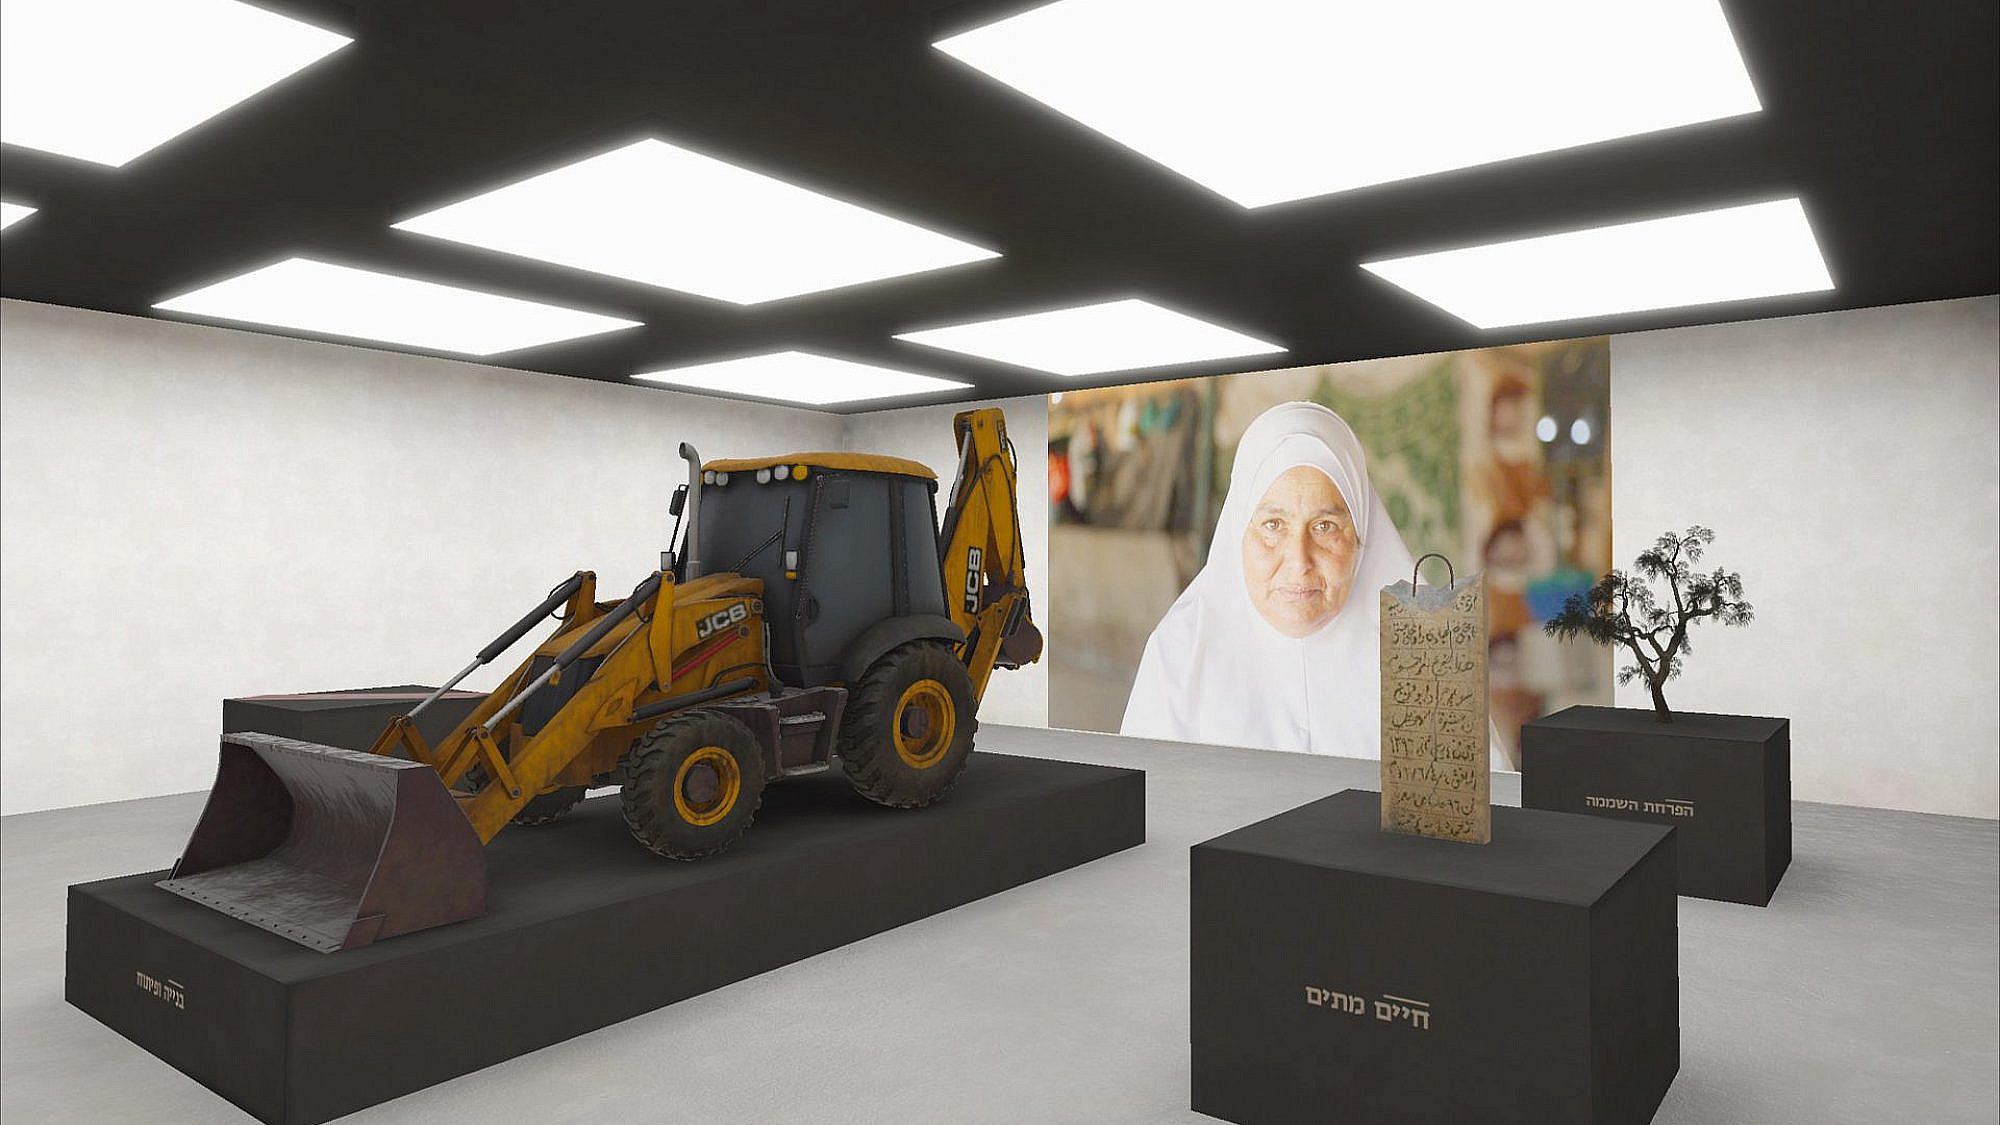 מוזיאון המאבק של אל ערקיב. עיצוב: אלון כרמי